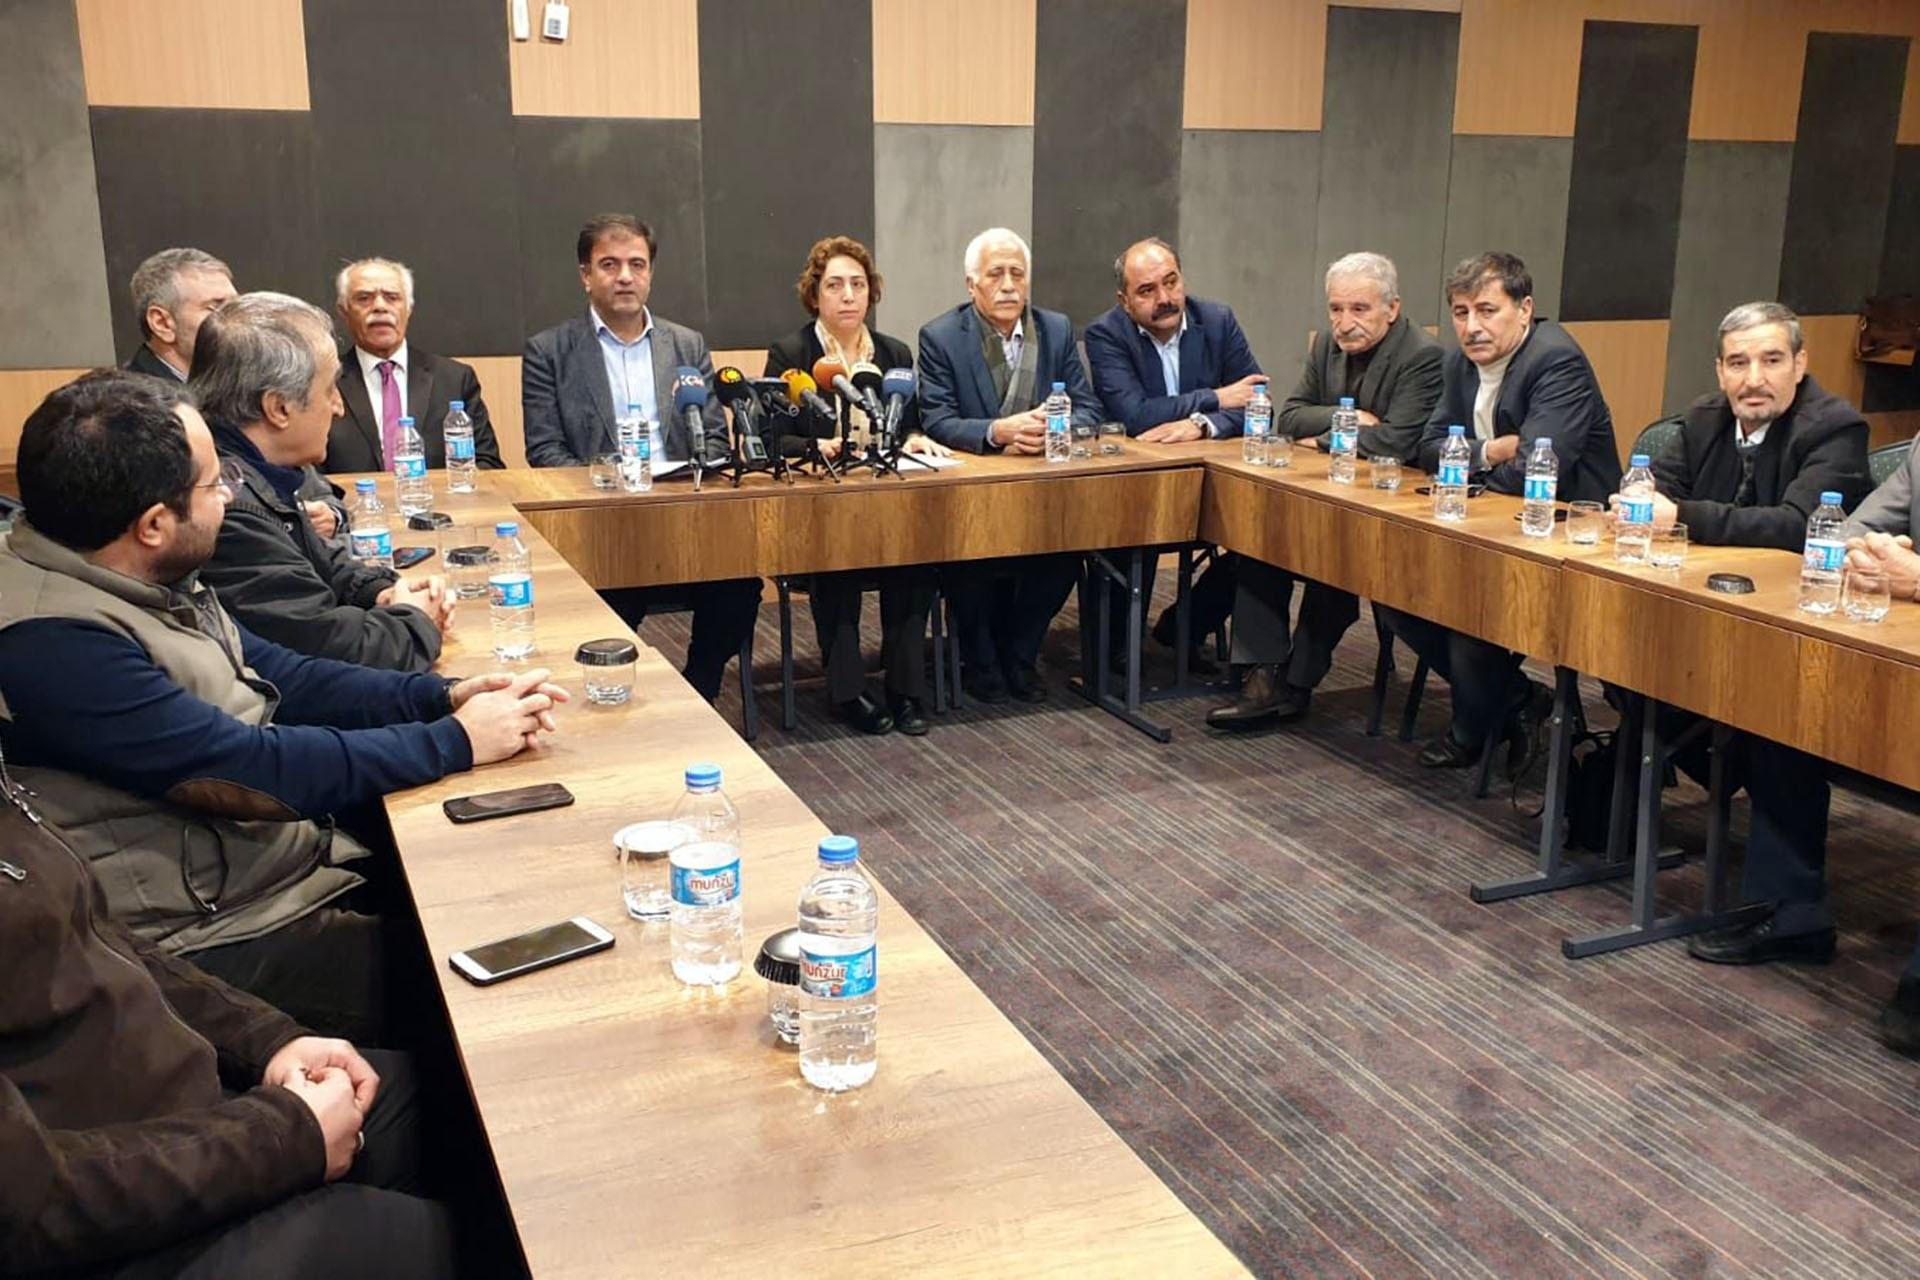 Kürt partilerinin temsilcileri basın toplantısı düzenliyor